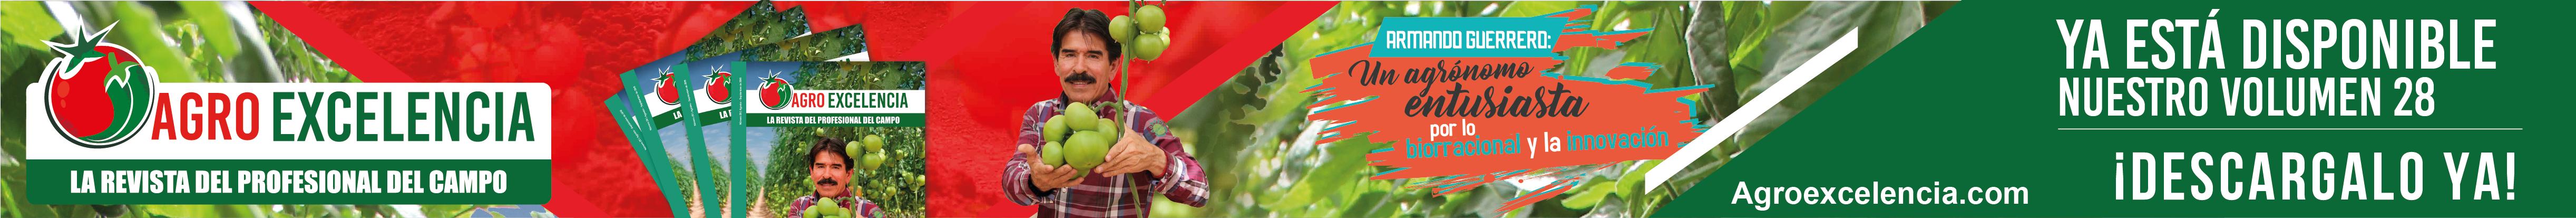 https://agroexcelencia.com/wp-content/uploads/2019/07/Slide-anuncio-28.png